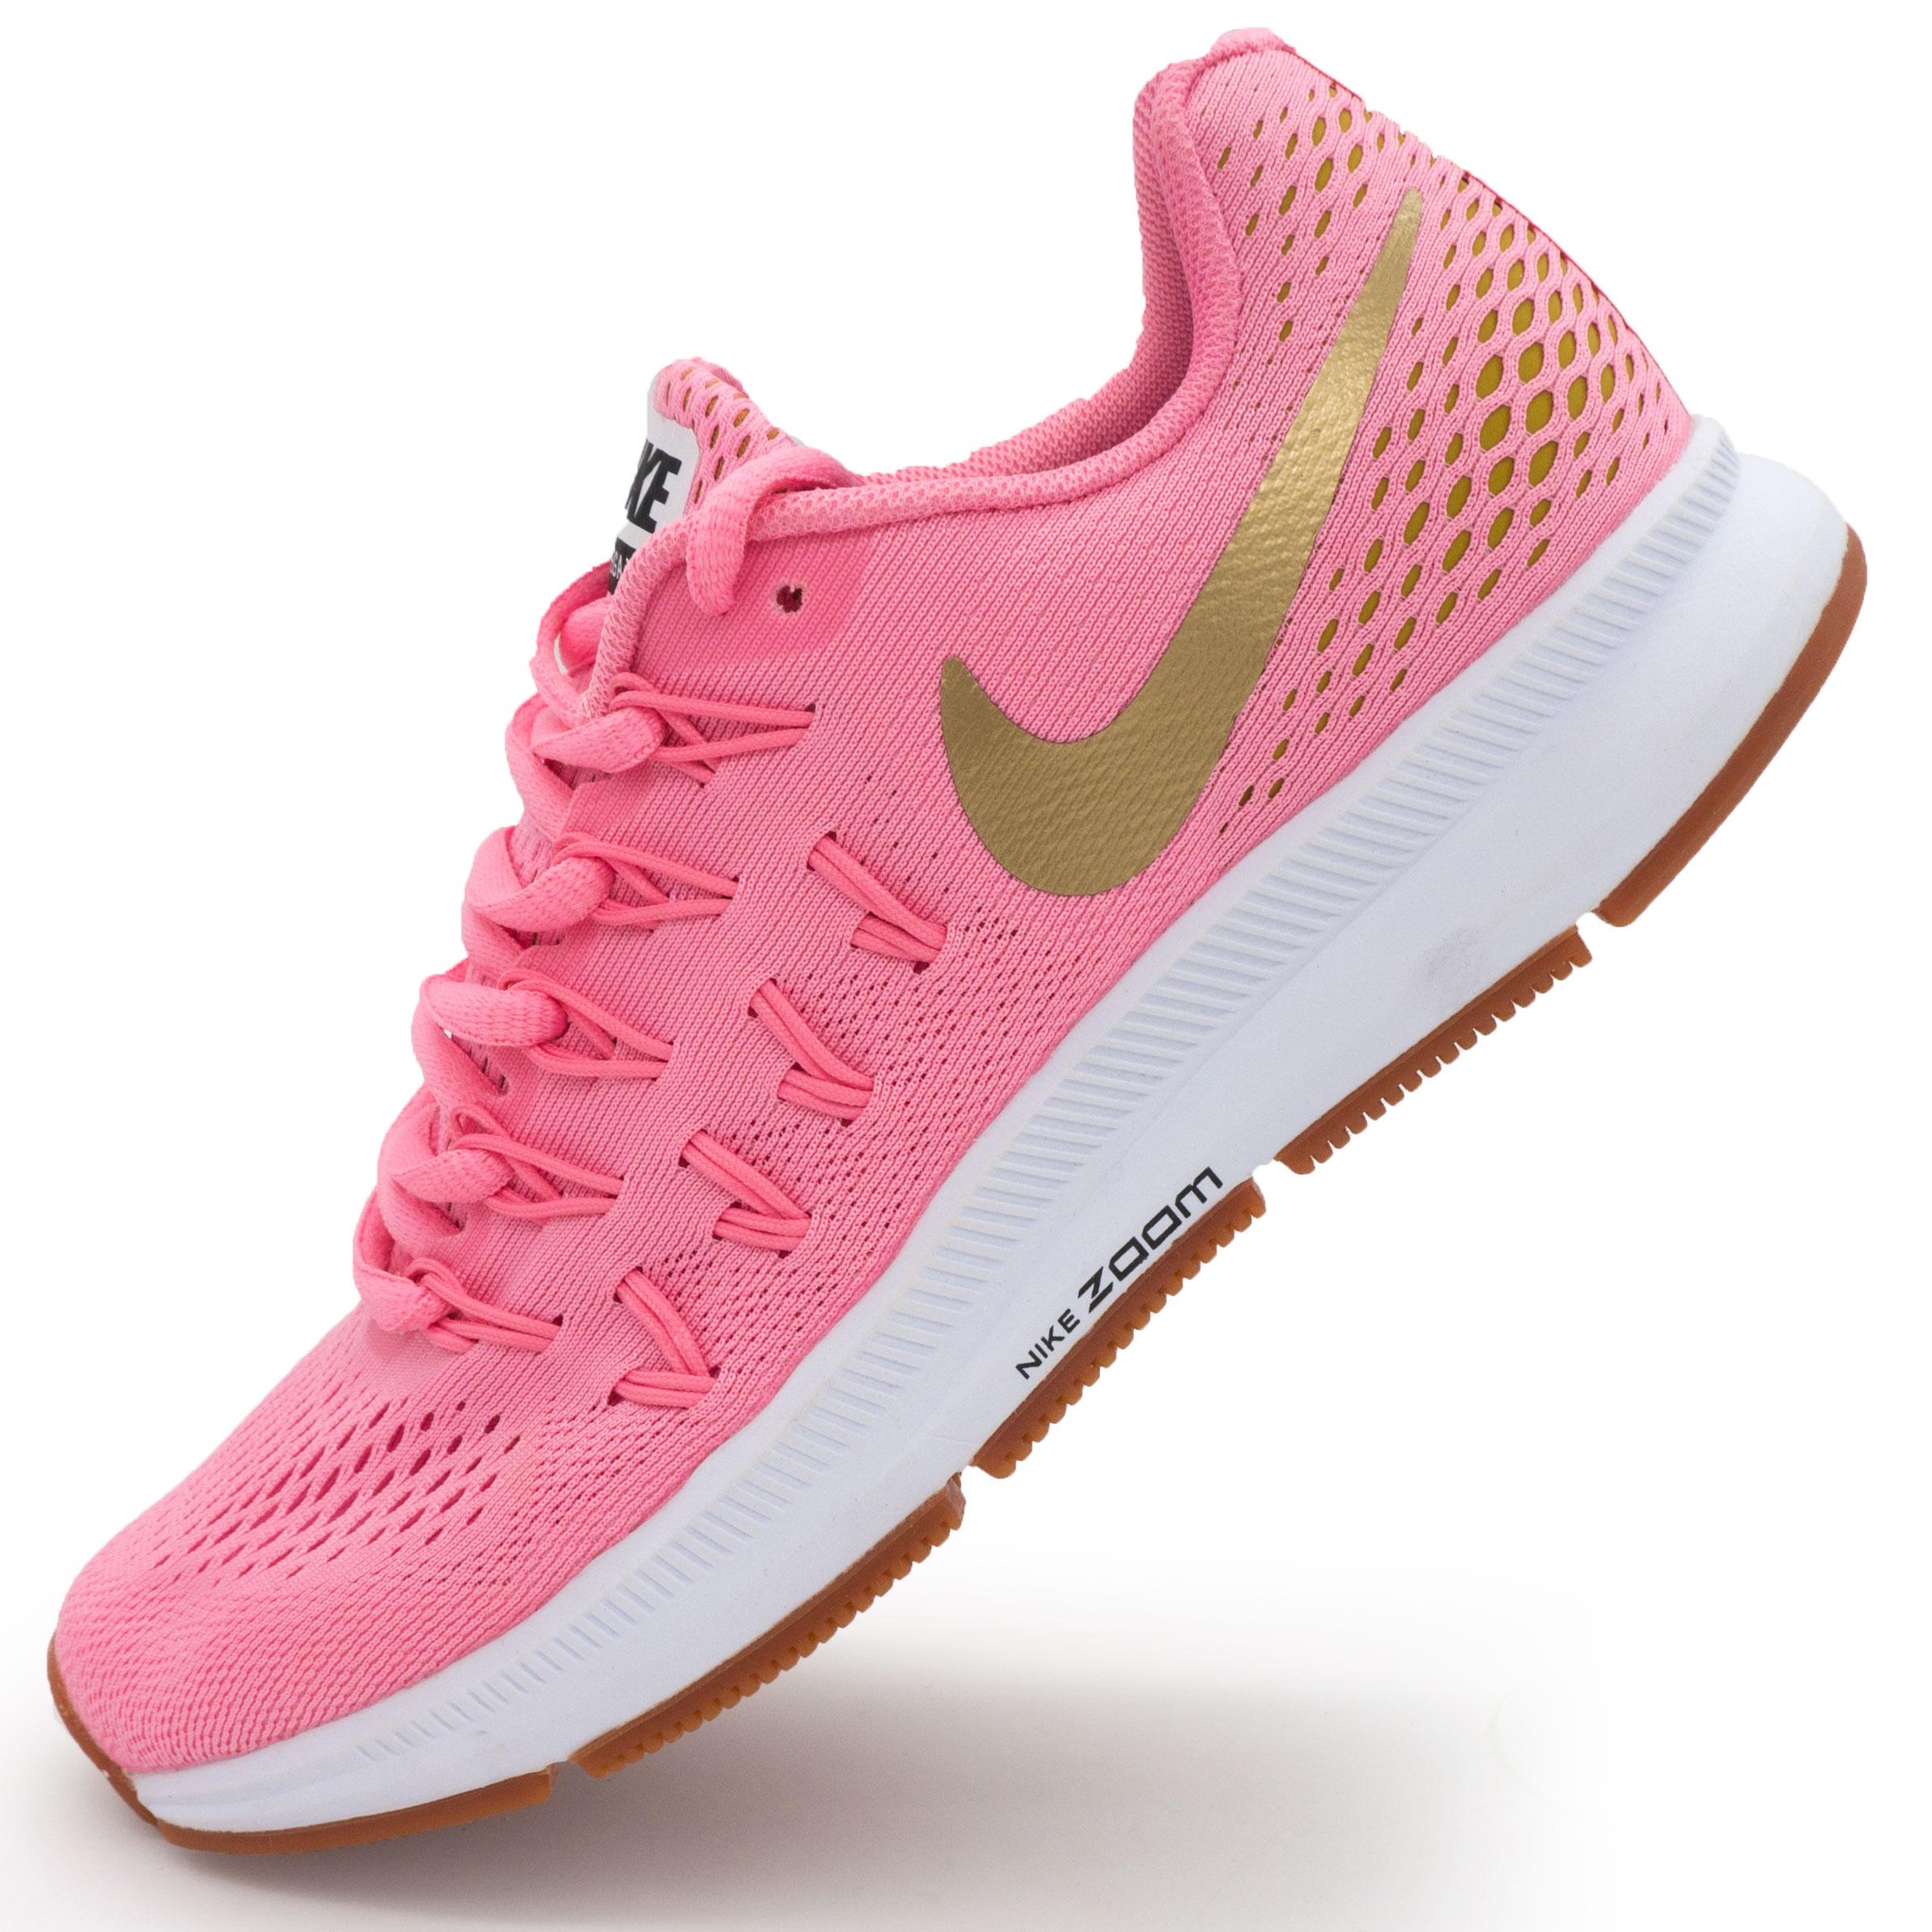 168f2658 ... фото main Женские кроссовки для бега Nike Zoom Pegasus 33 розовые с  коричневым.